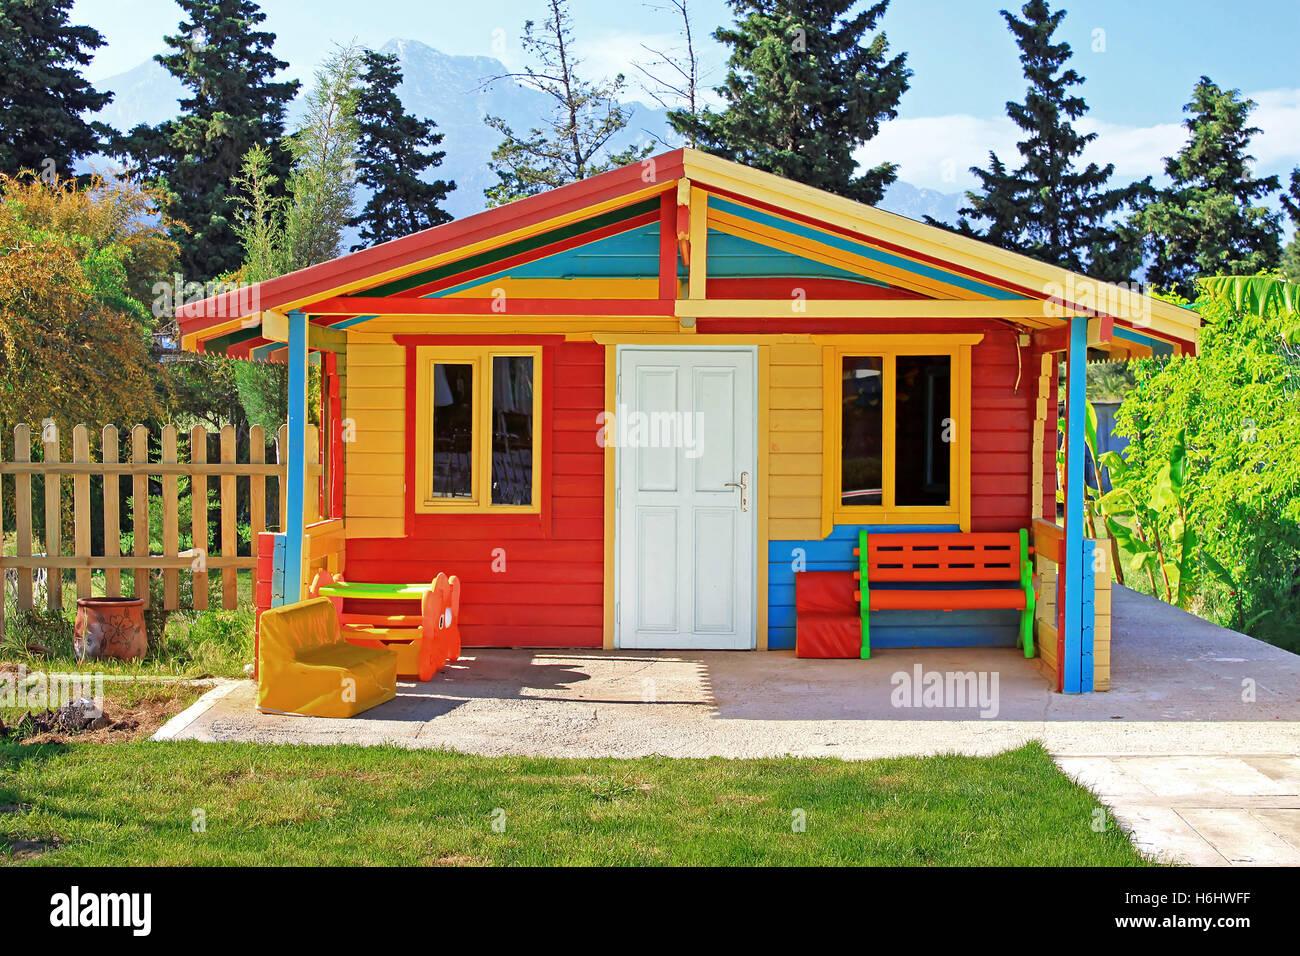 Juegos Infantiles En El Patio De La Casa Foto Imagen De Stock - Casa-de-juegos-infantiles